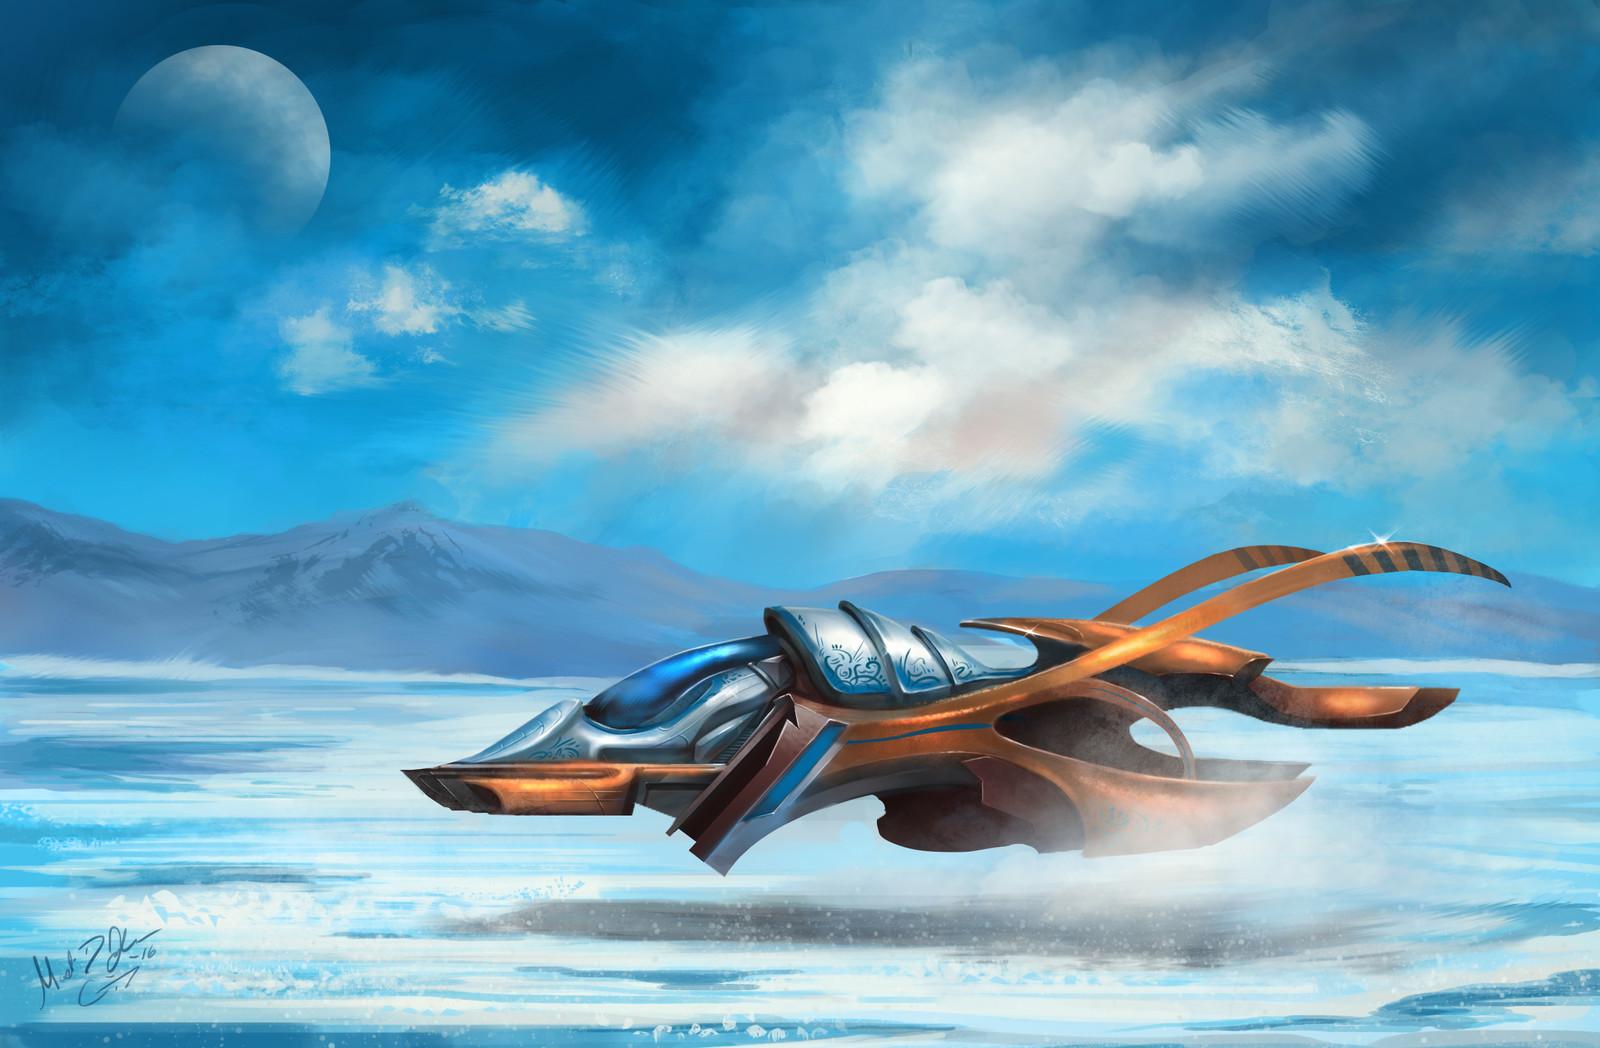 Kajan Vehicle Concept: Naja's Ship